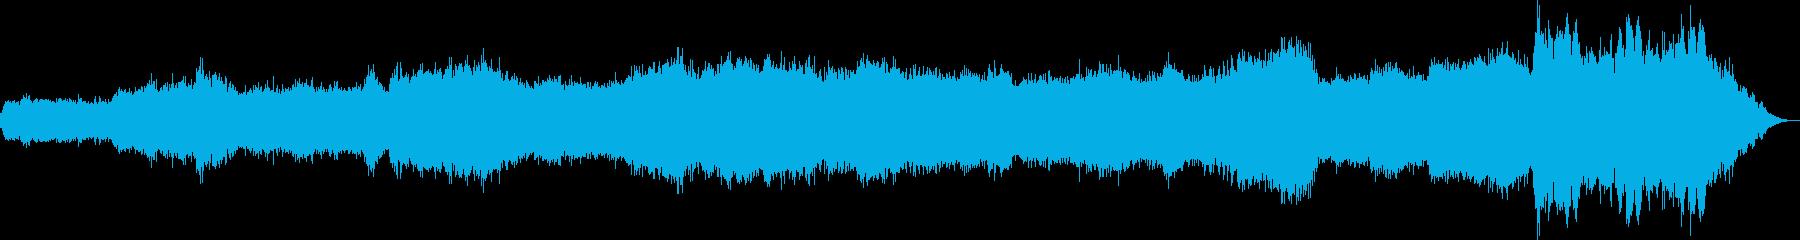 シンセで弾いた虹のイメージの再生済みの波形